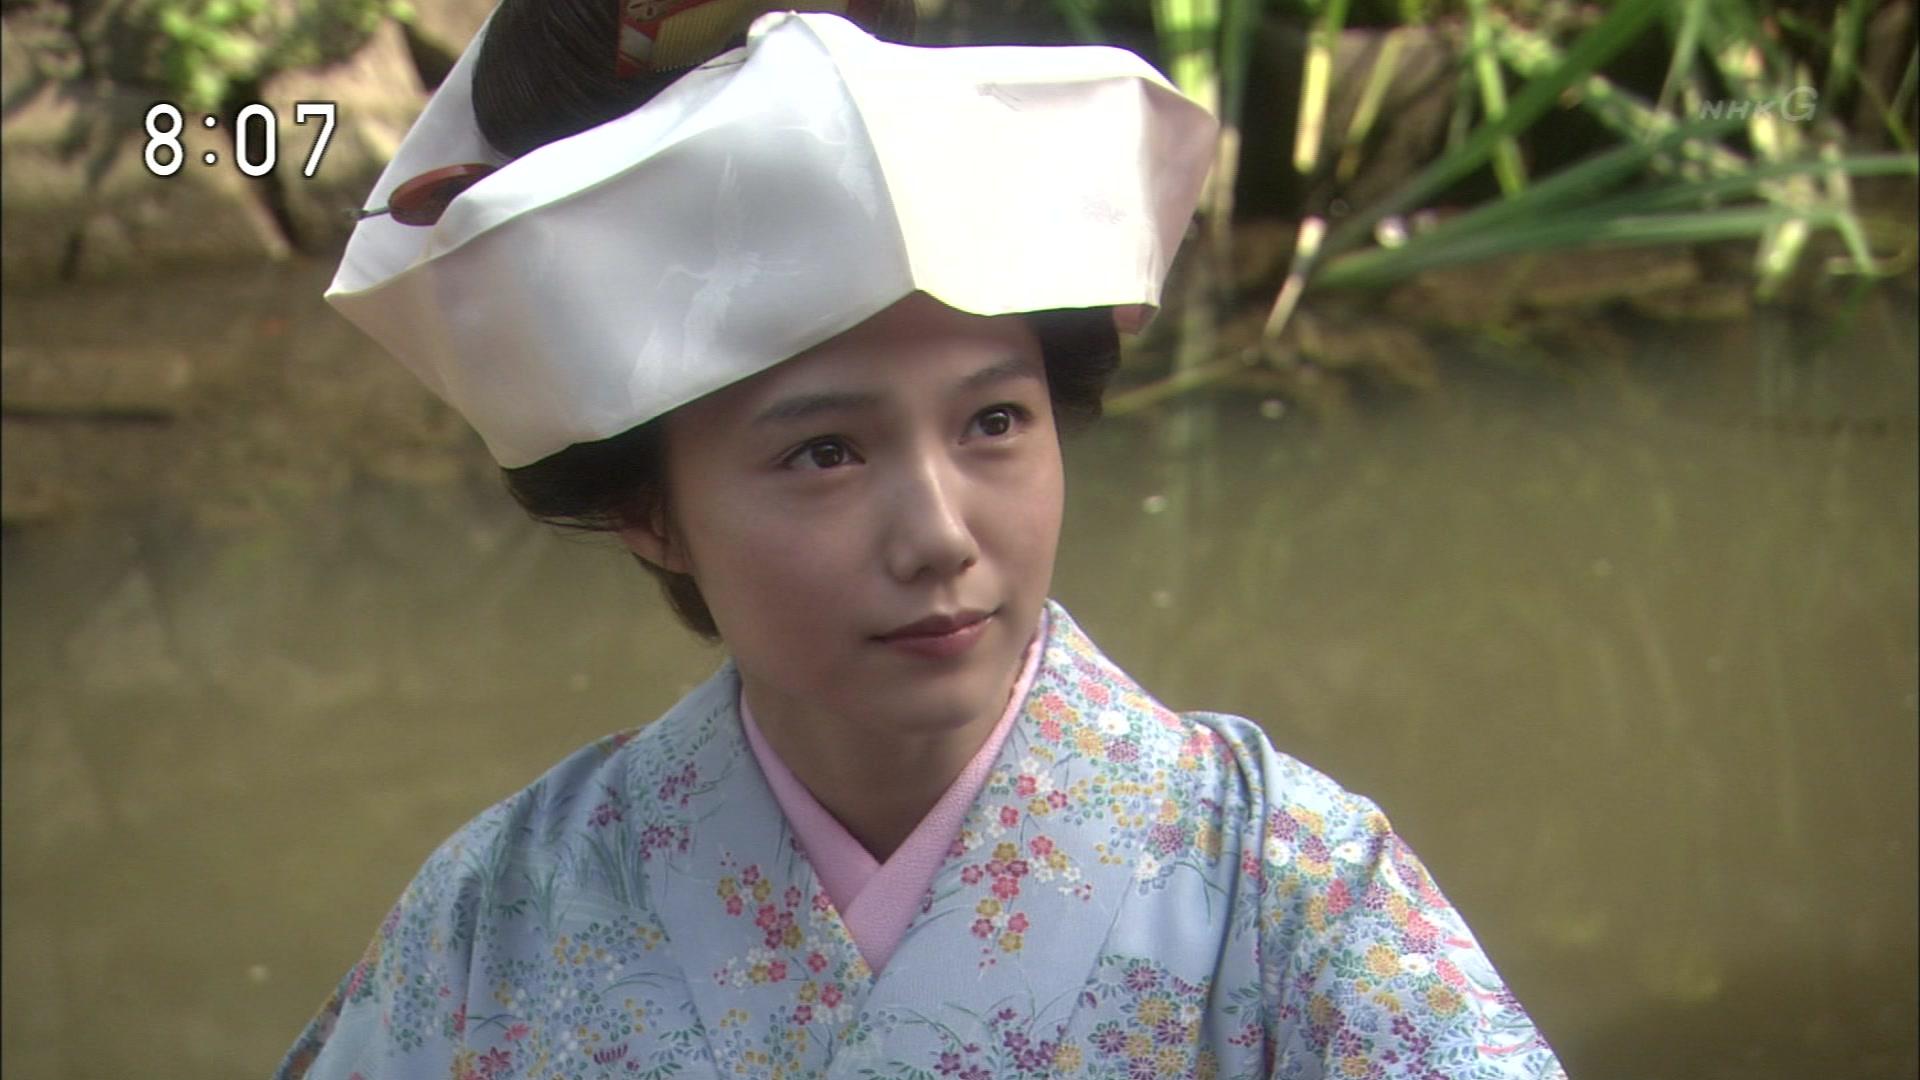 2015-10-10 08:00 連続テレビ小説 あさが来た(12)「ふたつの花びら」 1330